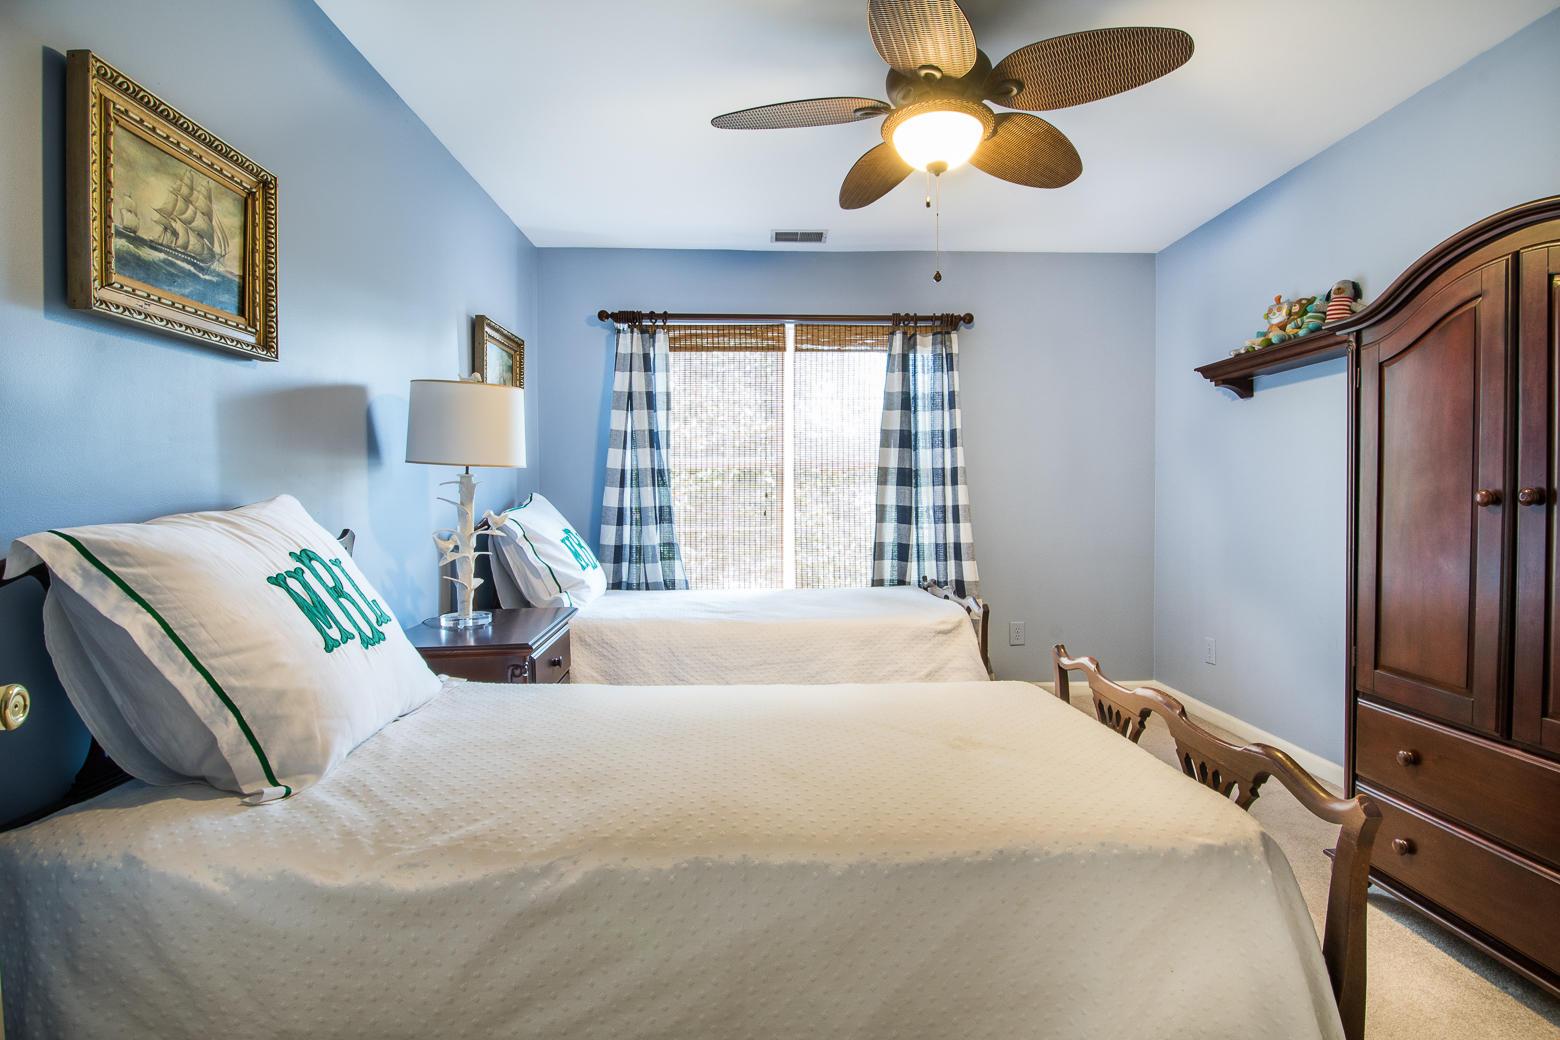 Jamestowne Village Homes For Sale - 1445 Swamp Fox, Charleston, SC - 24